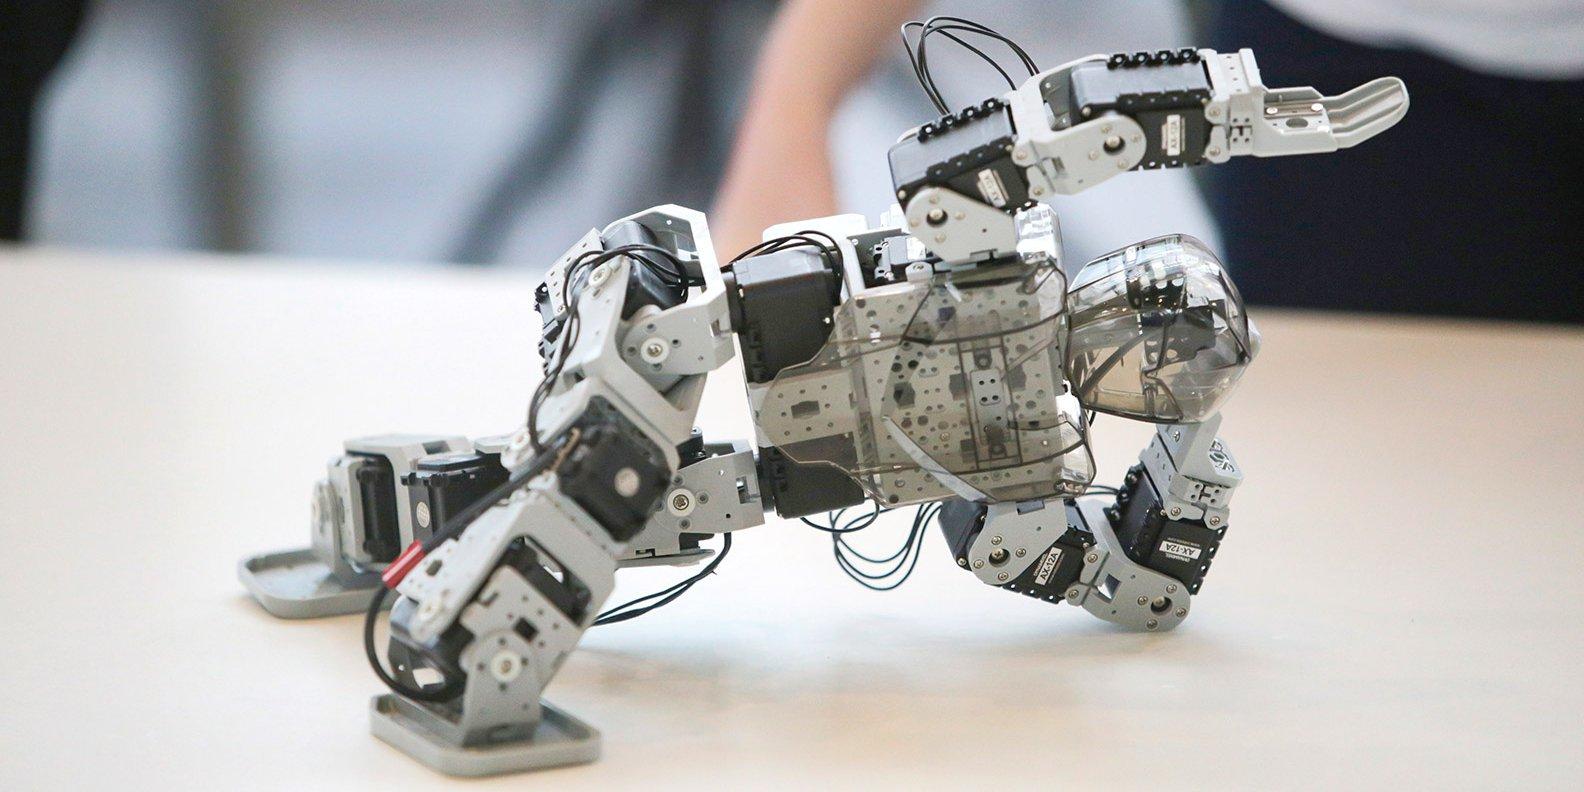 Отборочный этап турнира двух столиц по робототехнике пройдет в Нижегородском районе/mos.ru